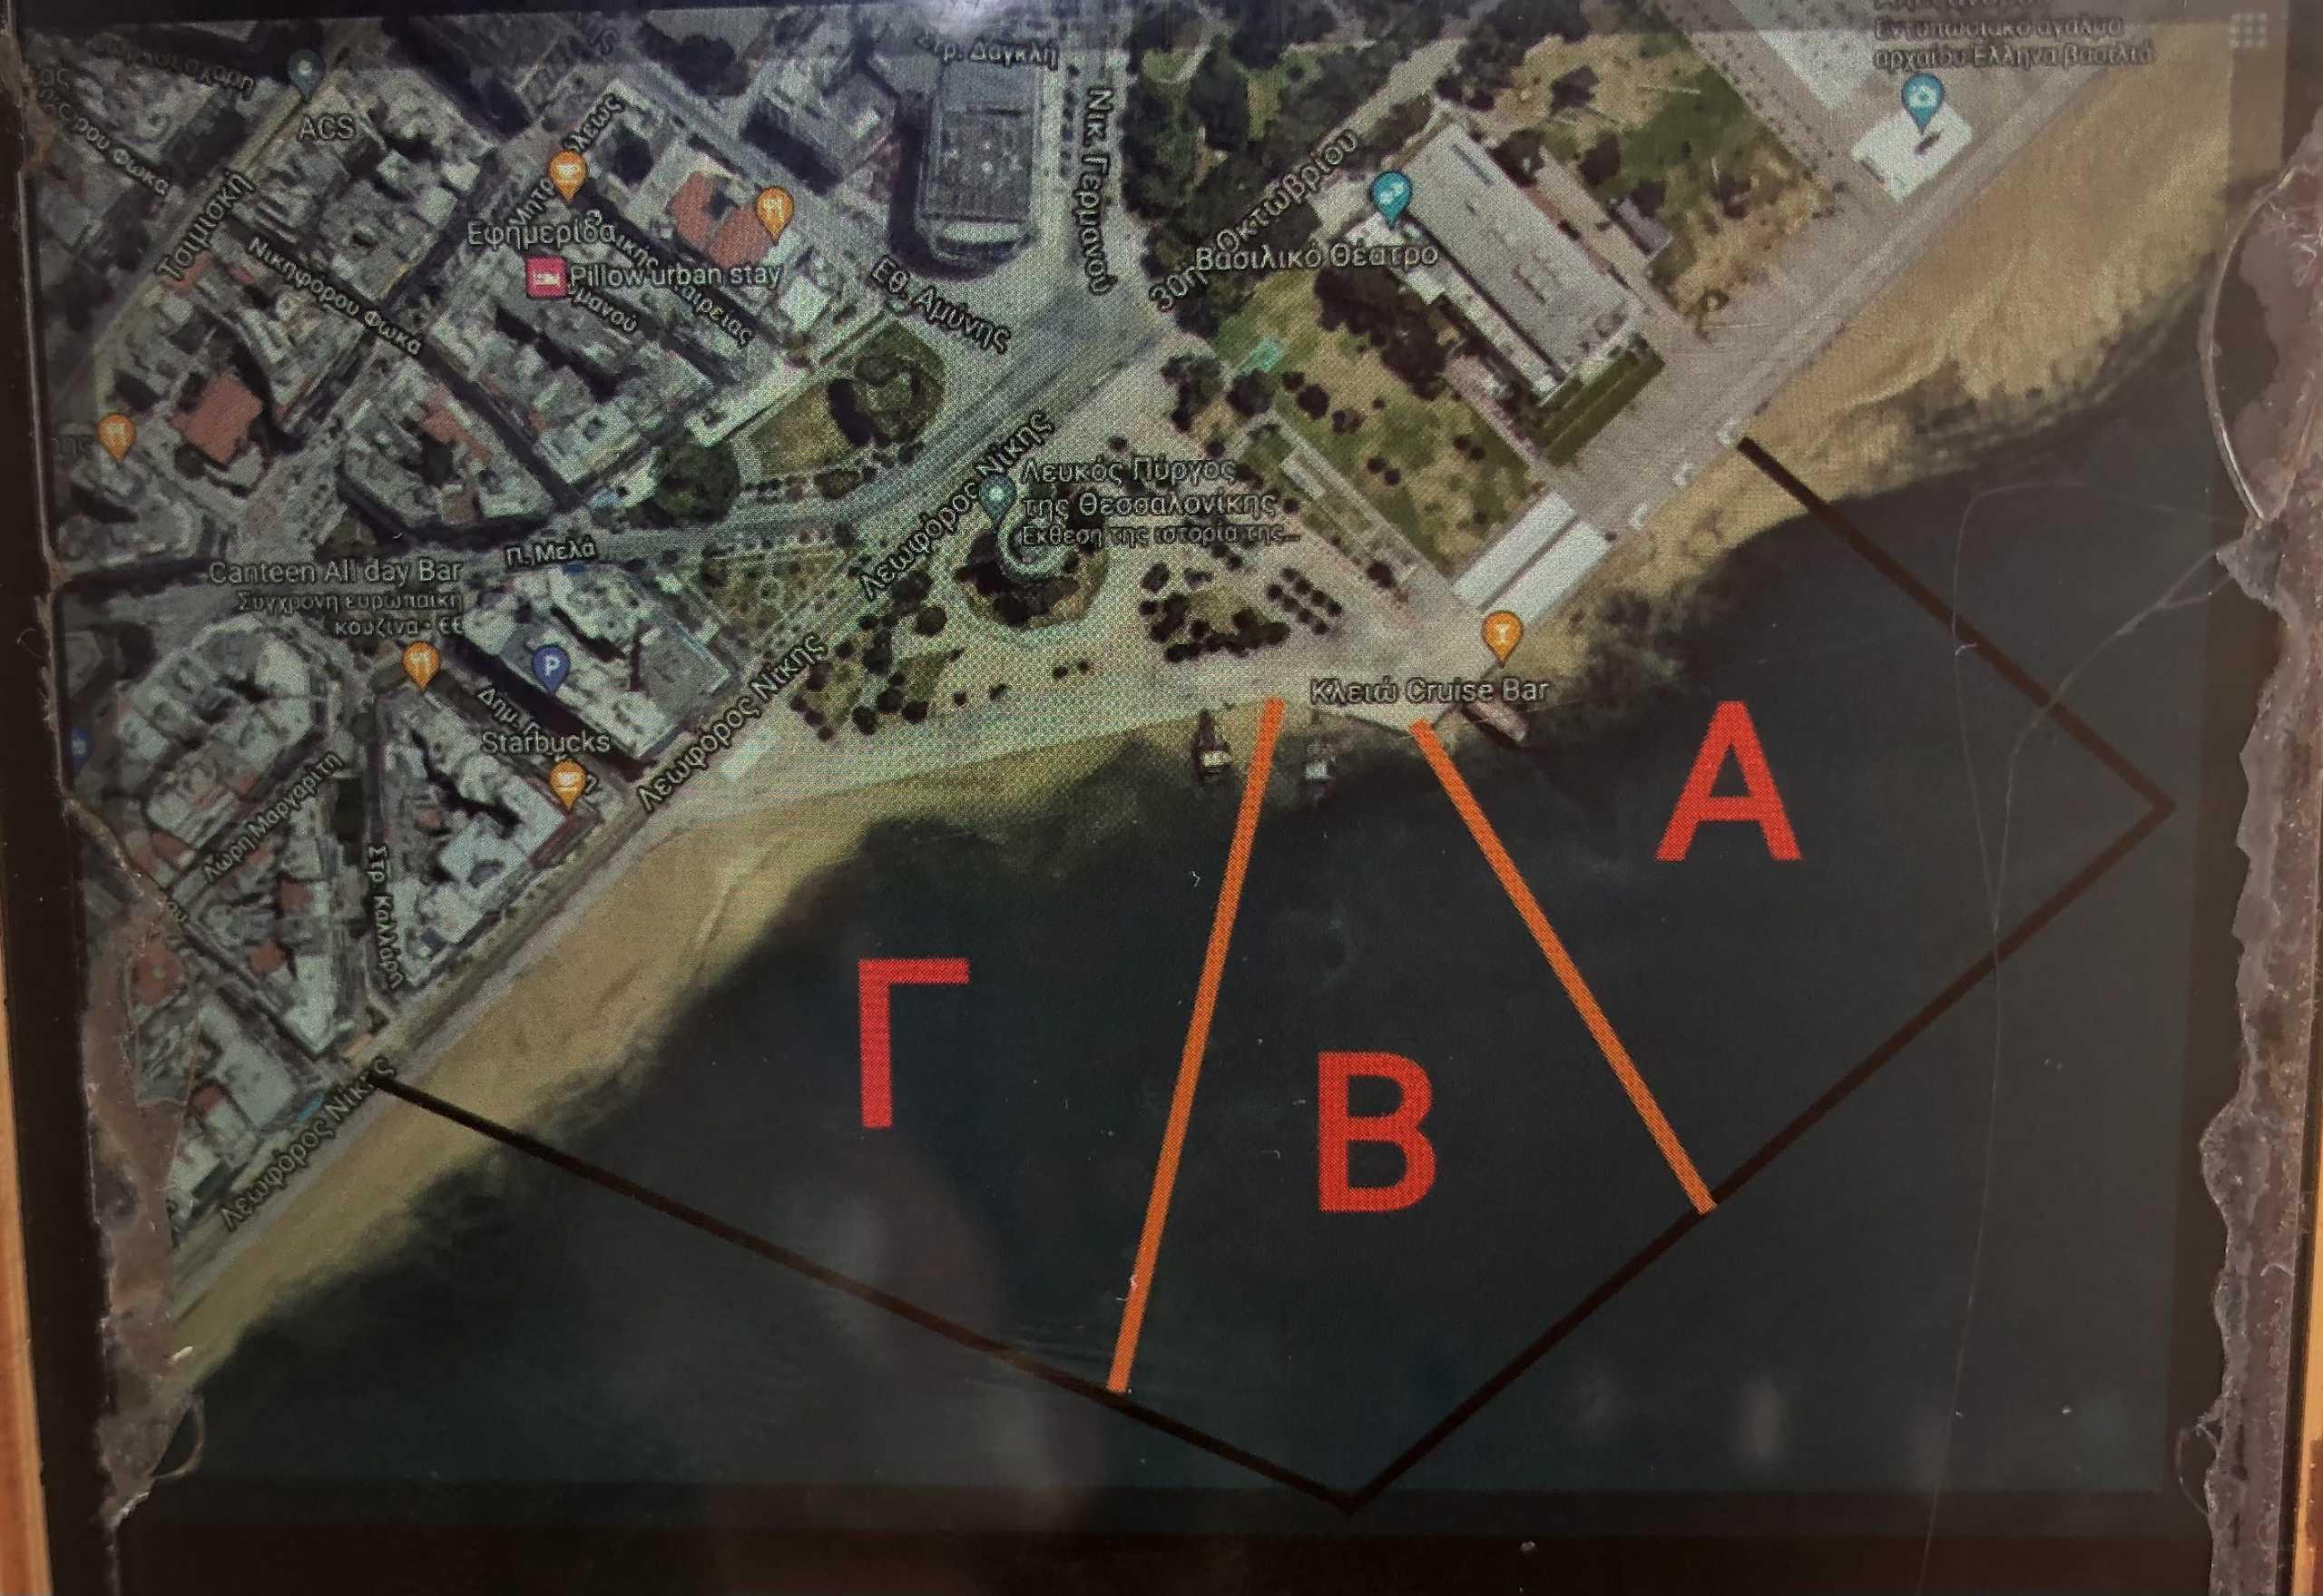 Θεσσαλονίκη: Ο Θερμαϊκός έκρυβε μια μικρή χωματερή – Οι εικόνες μετά τον καθαρισμό της θάλασσας